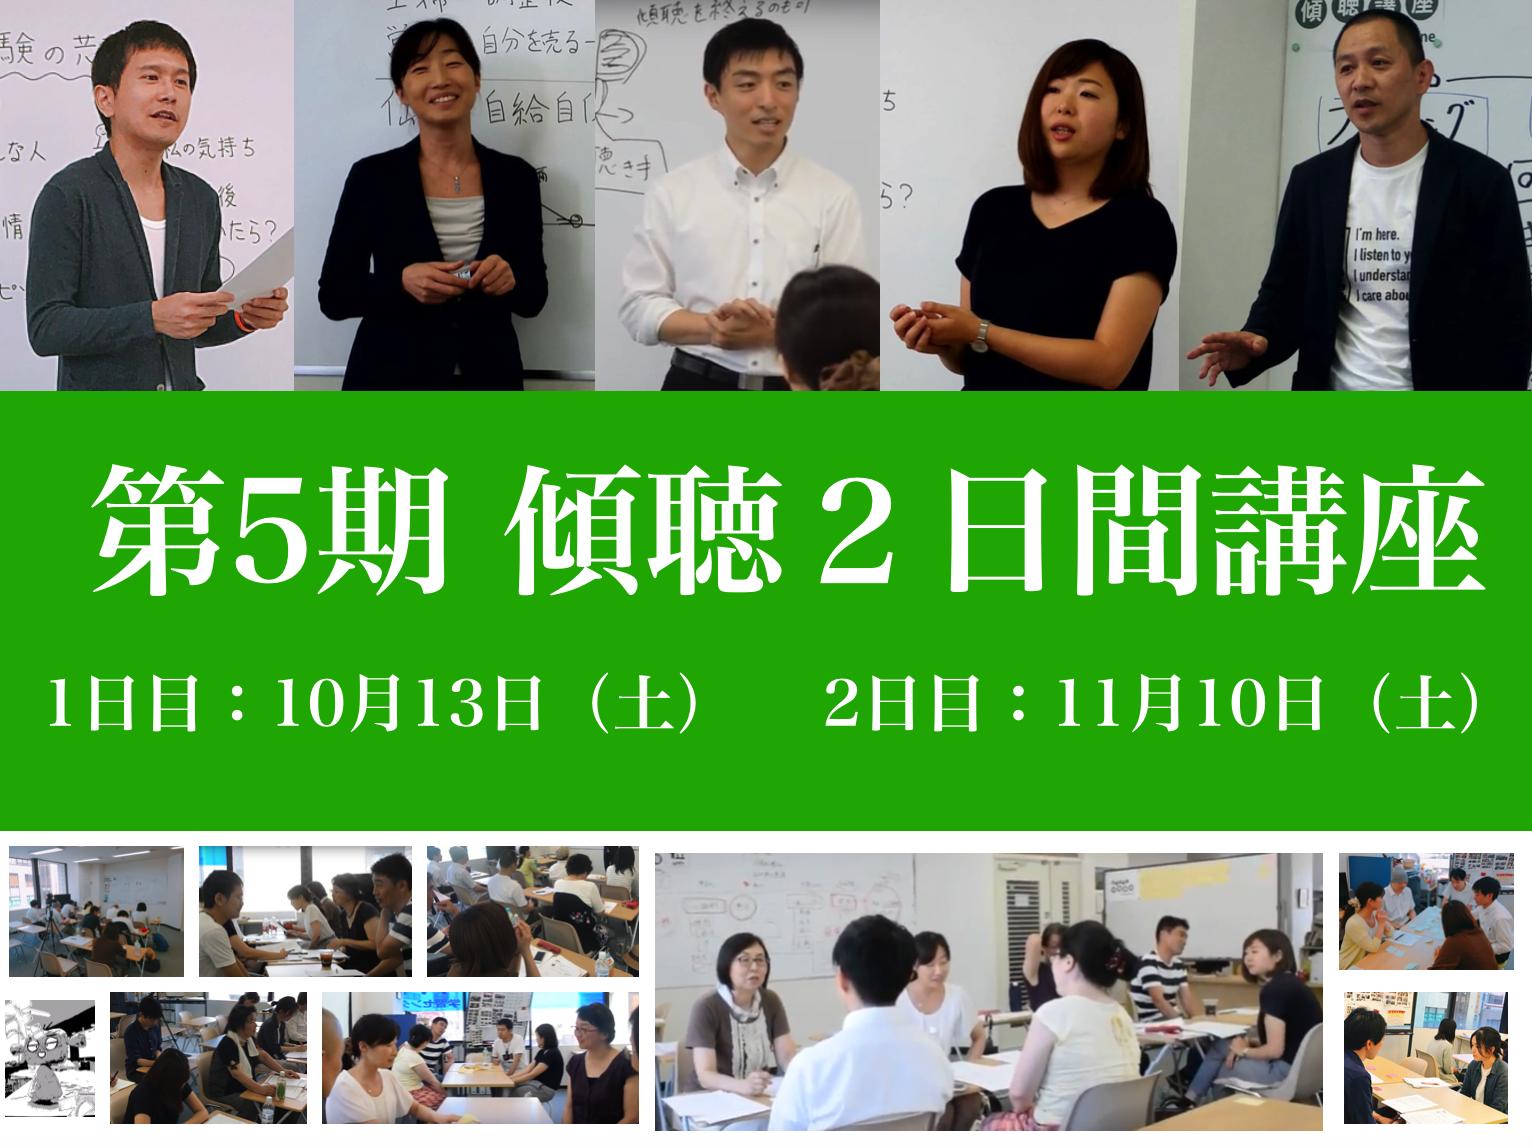 【活動報告】9月27日(木)オンライン傾聴講座「傾聴会」